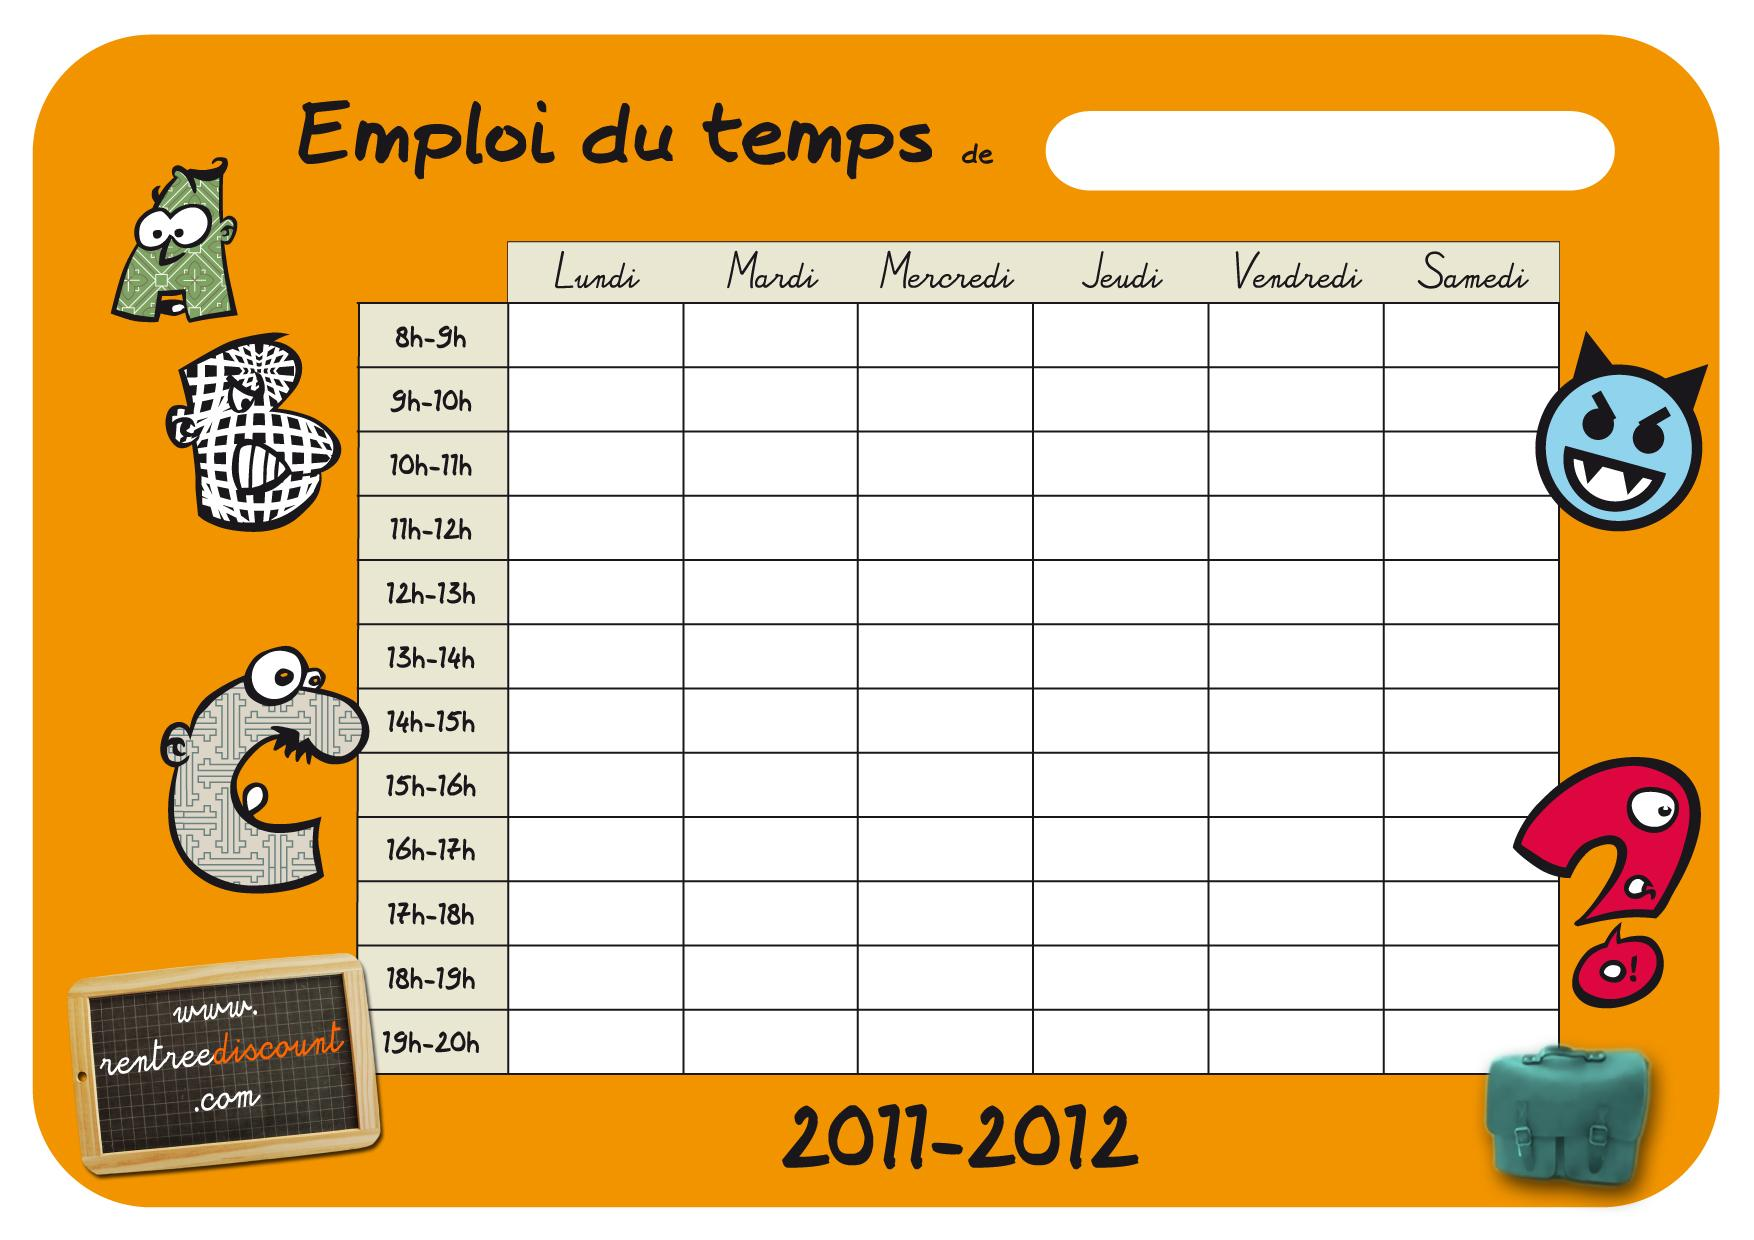 http://media.paperblog.fr/i/477/4777961/cette-annee-vais-faire-courses-rentree-ligne-L-WZHJd_.jpeg